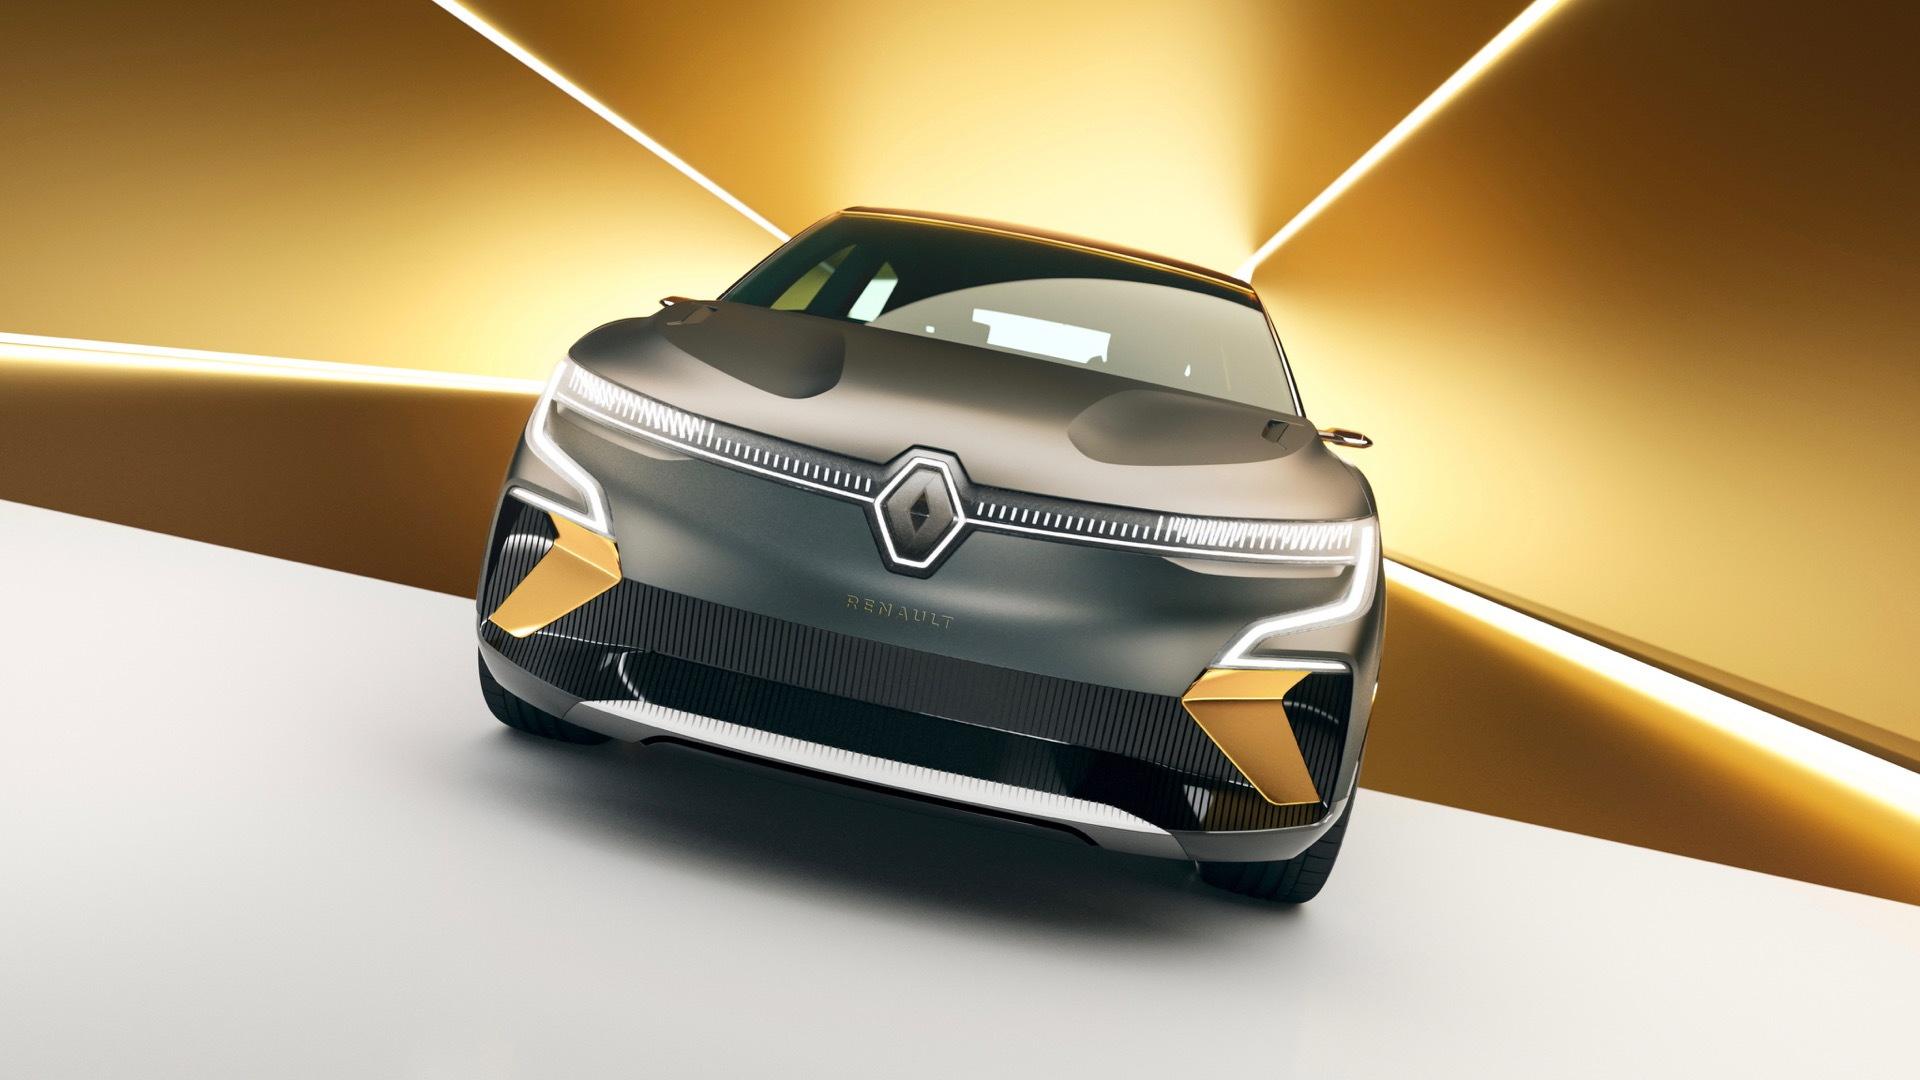 Renault Mégane eVision concept